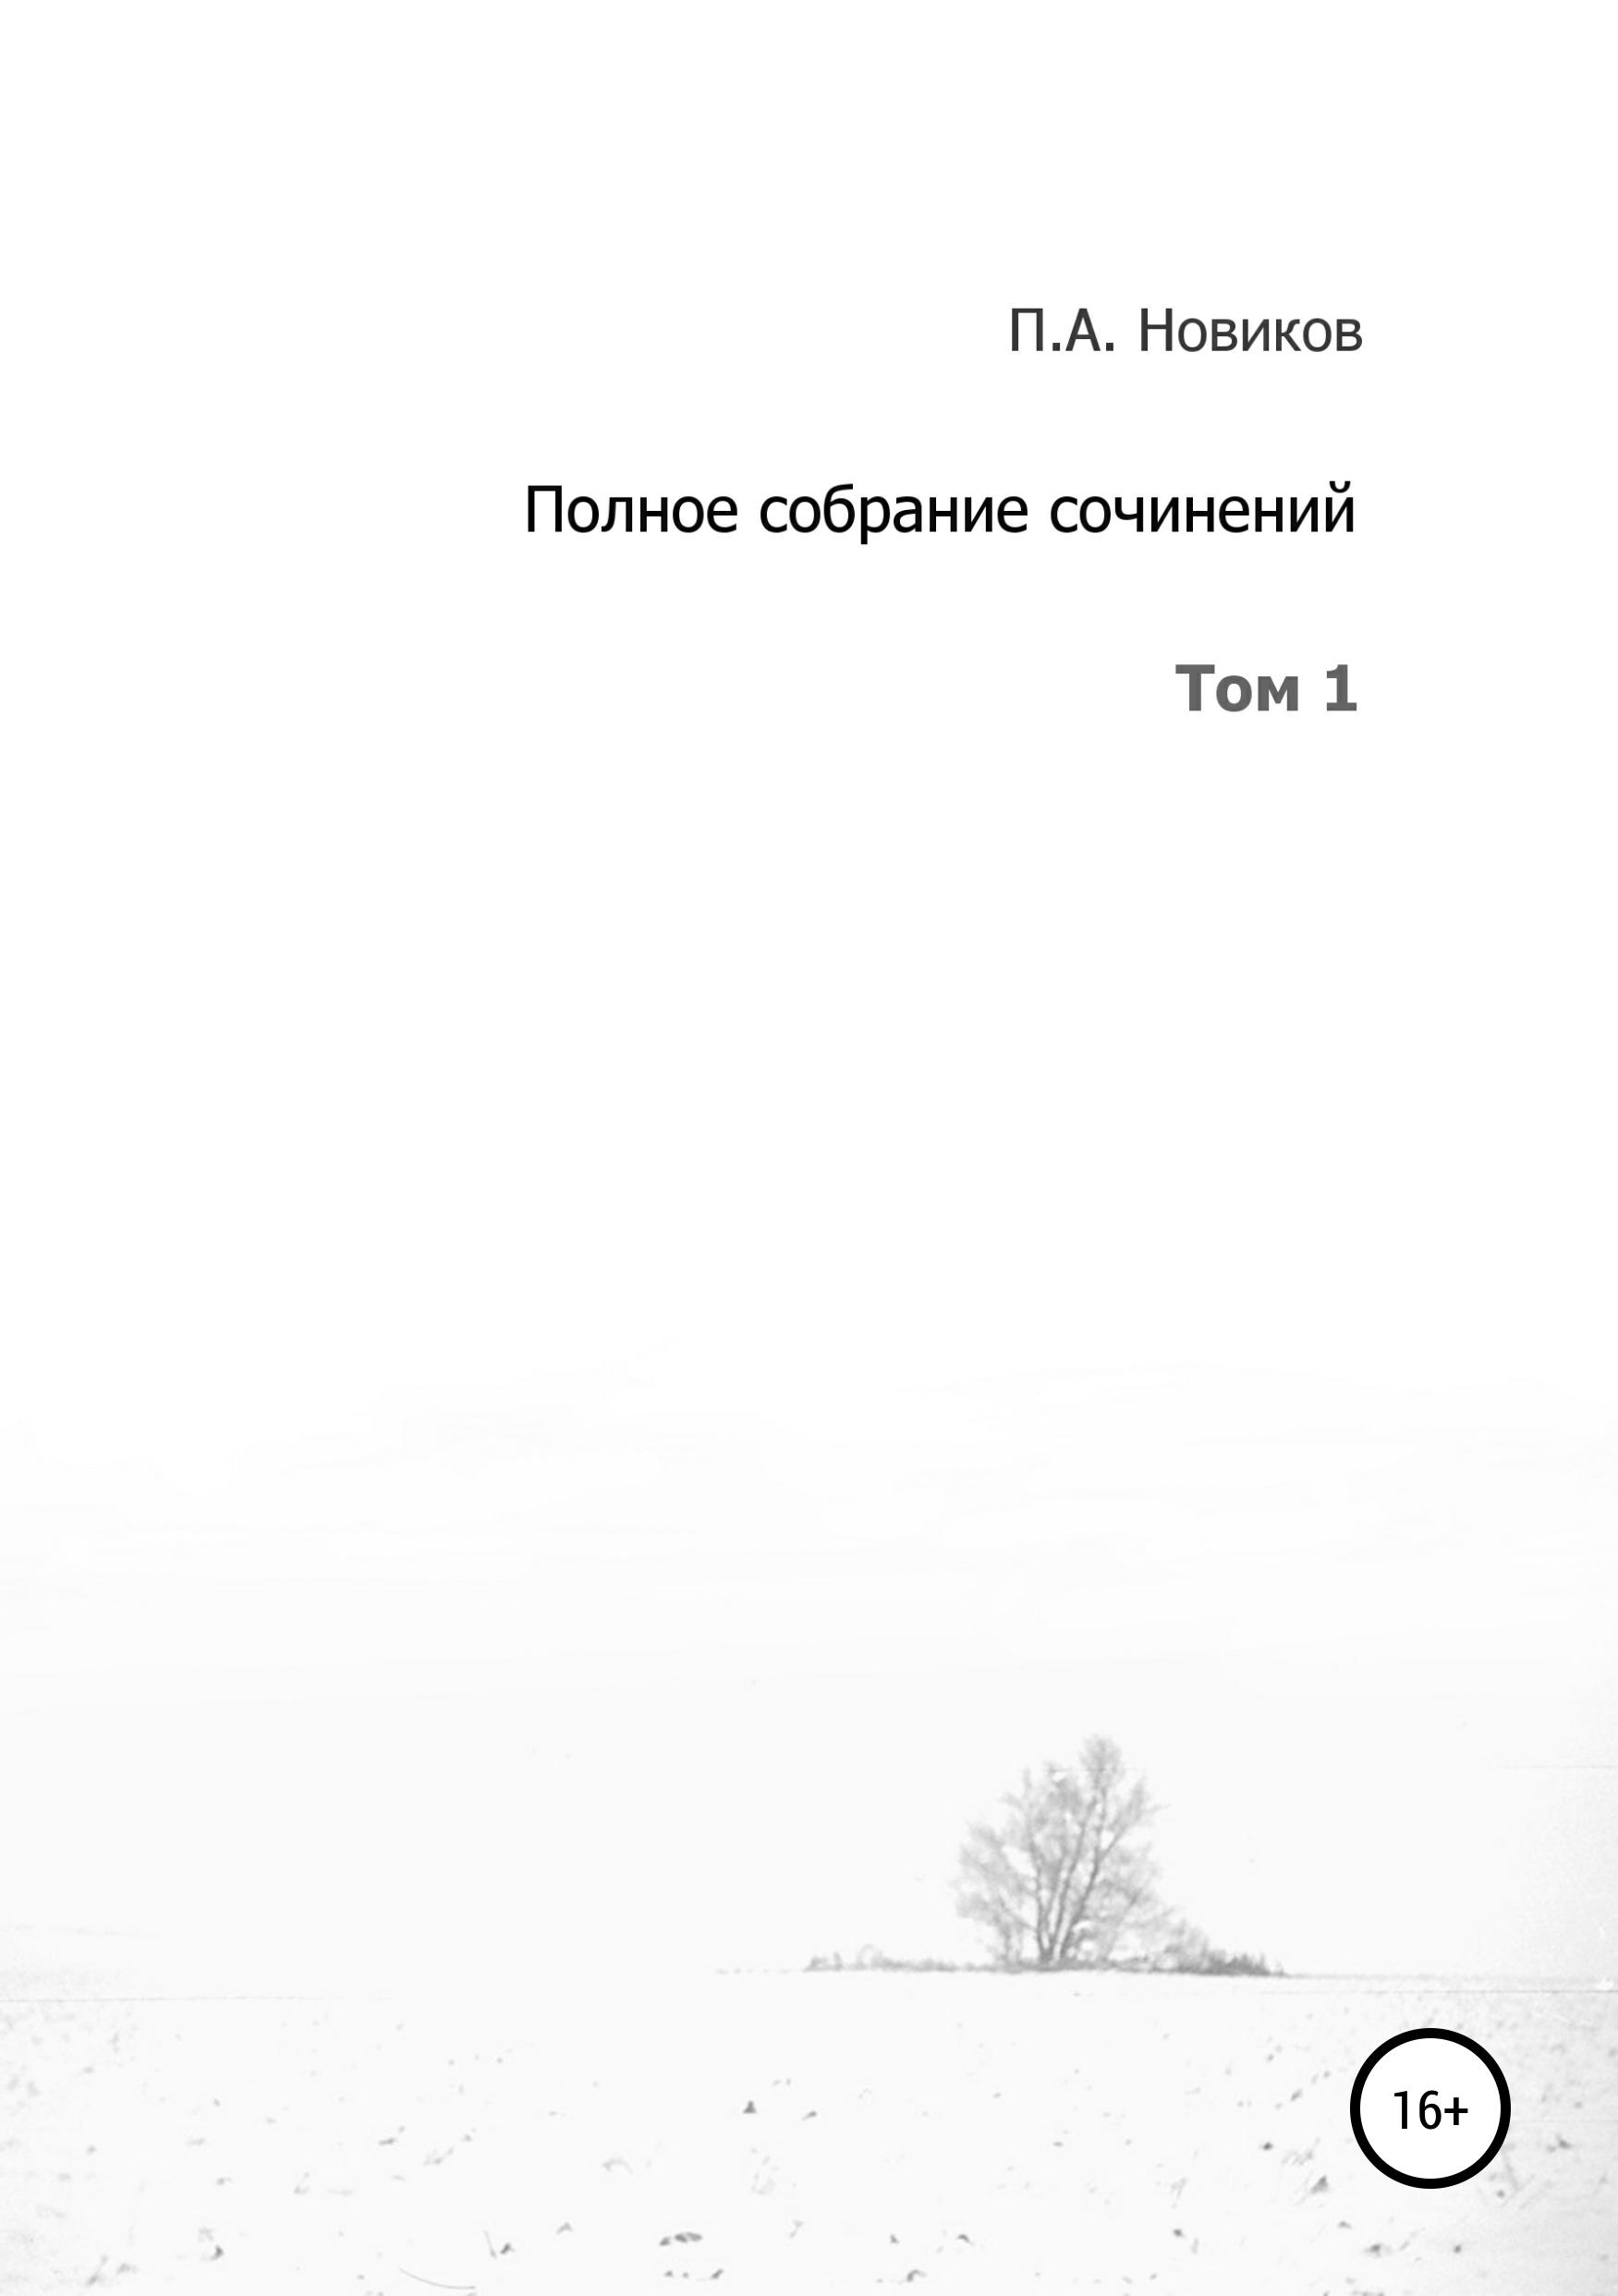 Павел Александрович Новиков Полное собрание сочинений. Том 1 александр и новиков проза 2017 год